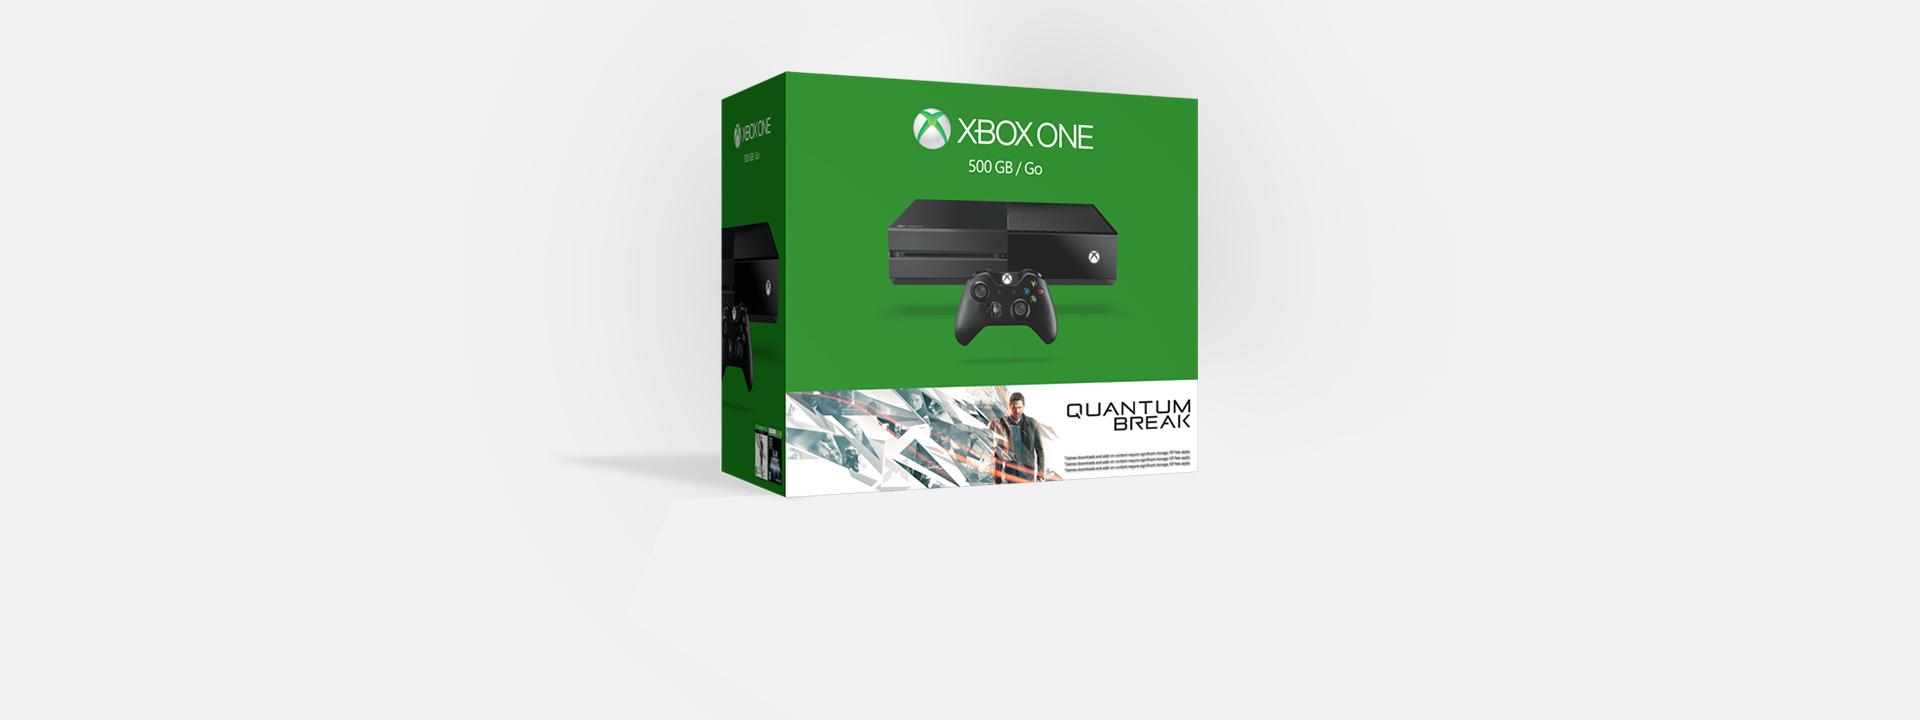 Krabice sady Xboxu One shrou Quantum Break